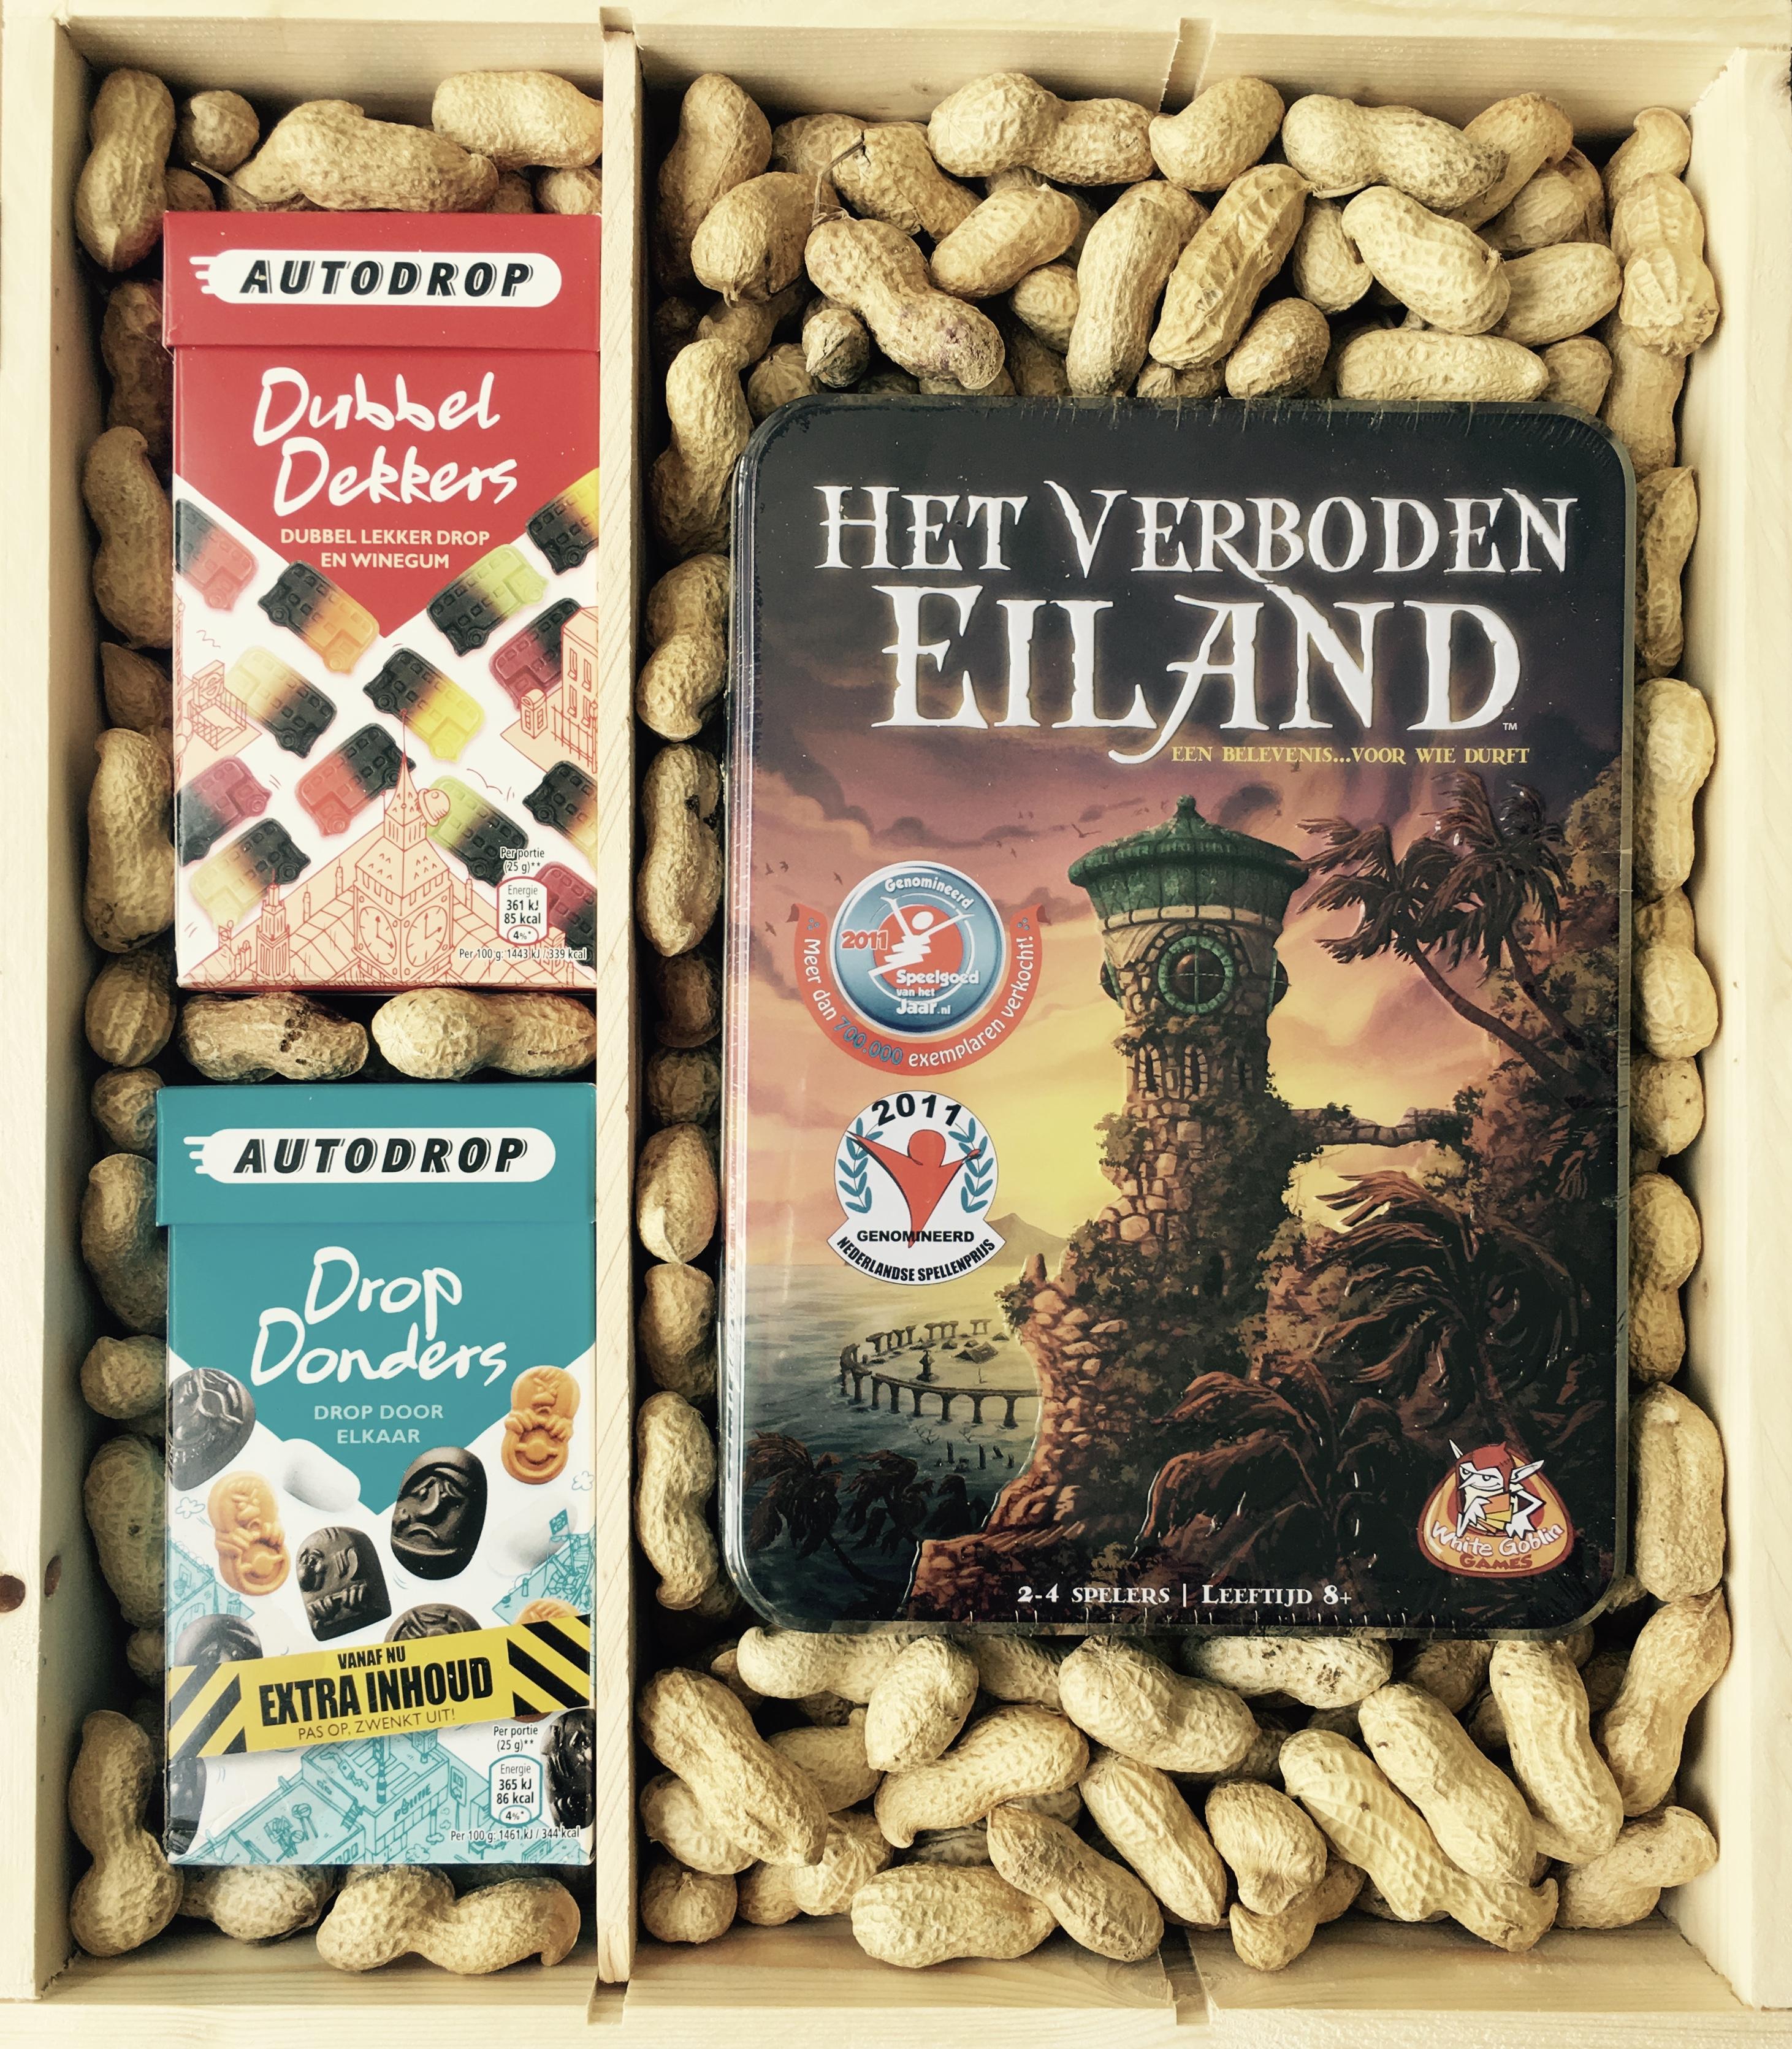 Giftbox Het verboden eiland kopen? spellenpaleis.nl